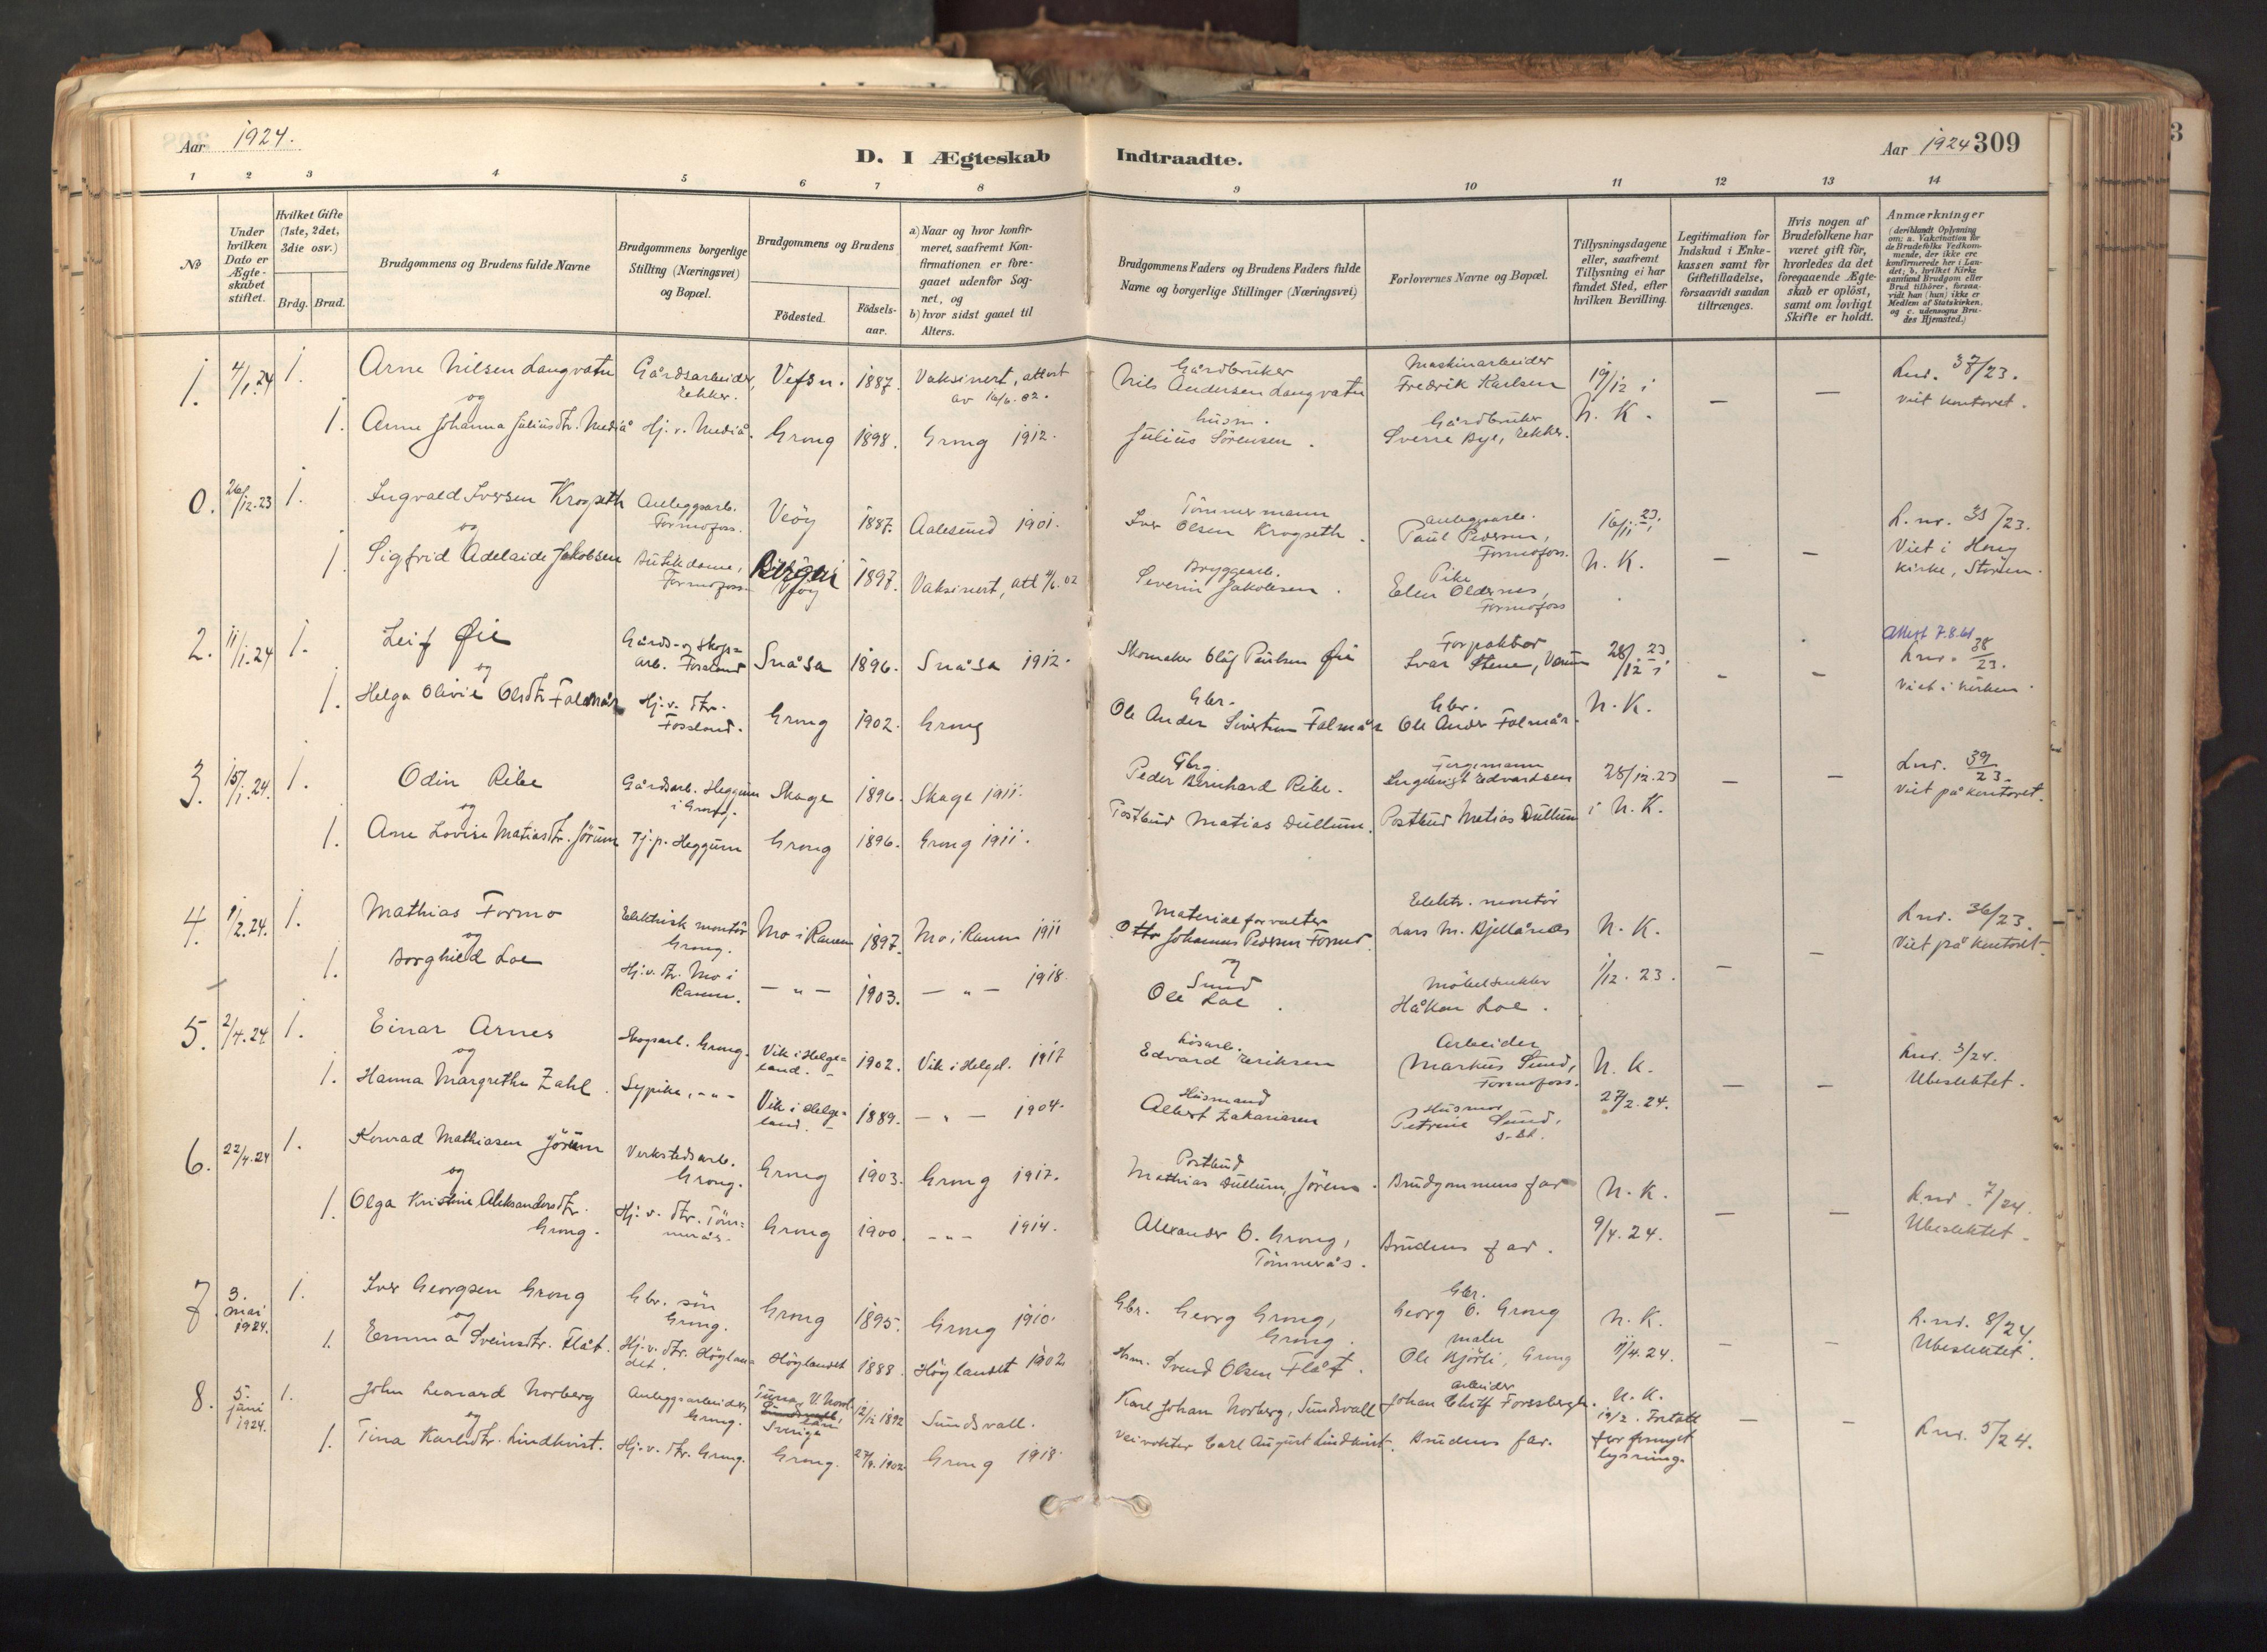 SAT, Ministerialprotokoller, klokkerbøker og fødselsregistre - Nord-Trøndelag, 758/L0519: Ministerialbok nr. 758A04, 1880-1926, s. 309